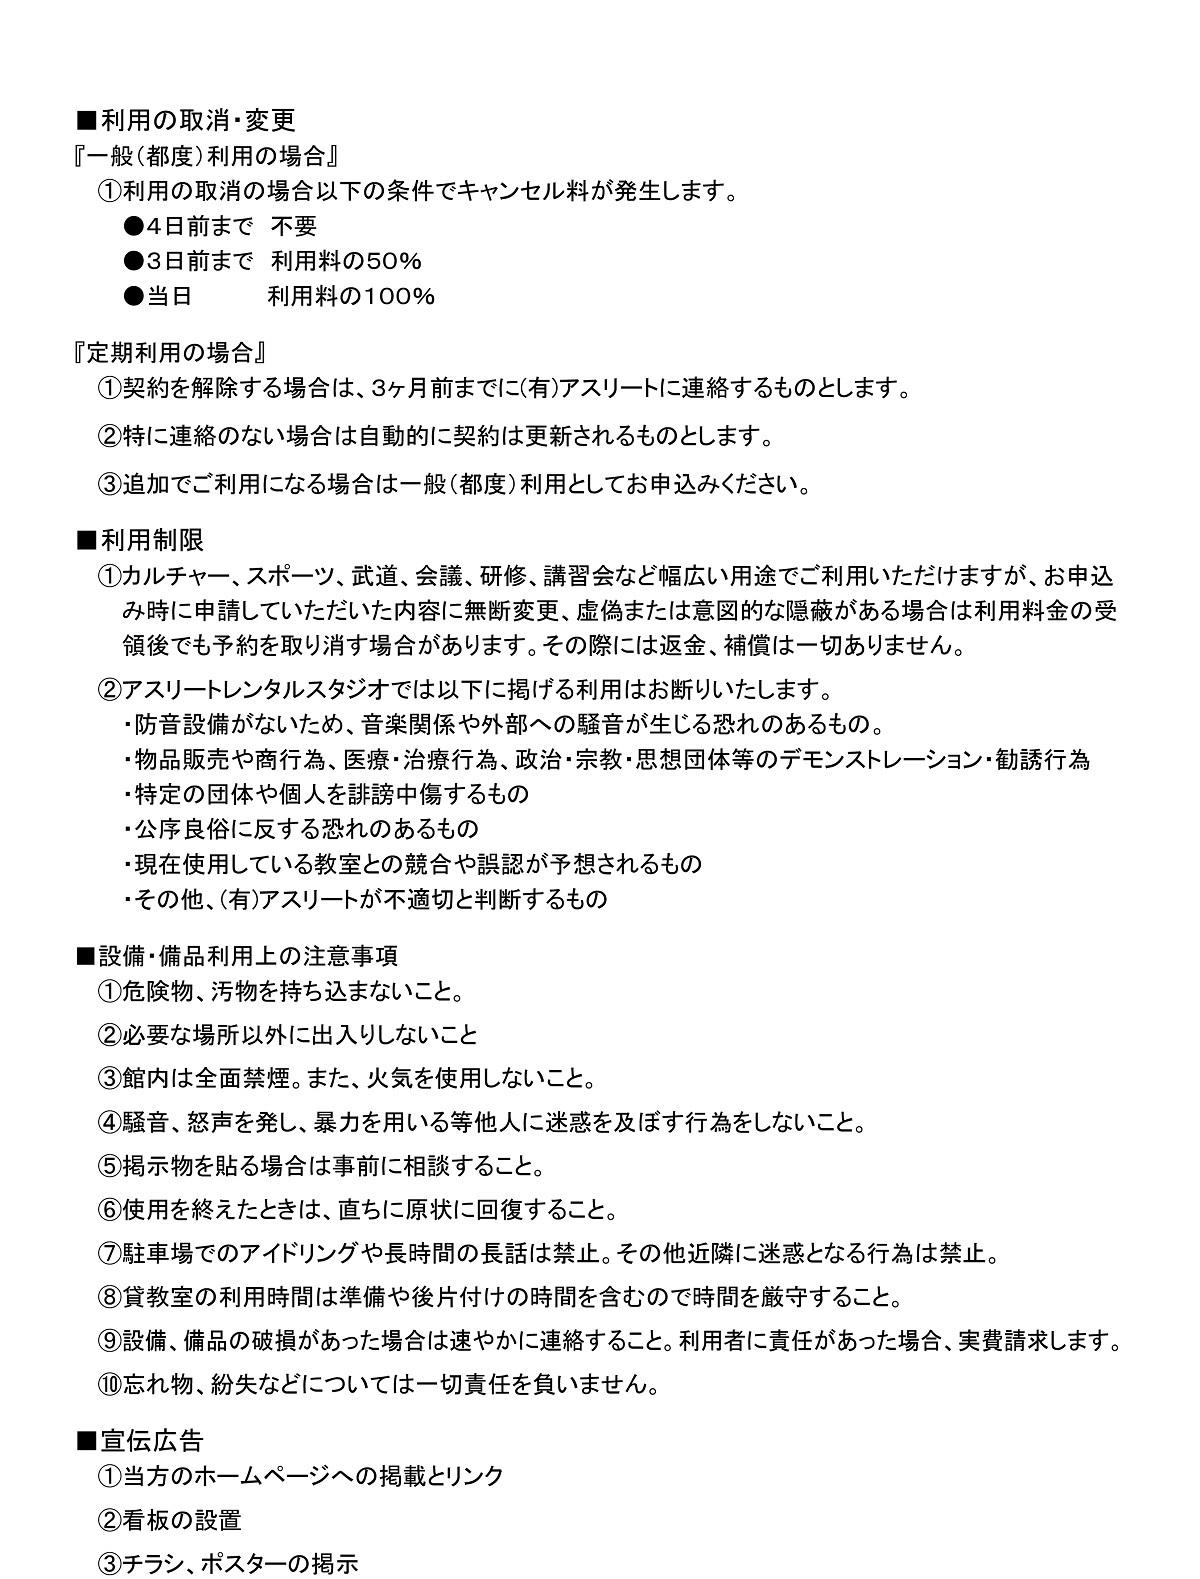 2レンタルスタジオ利用冊子(規約)